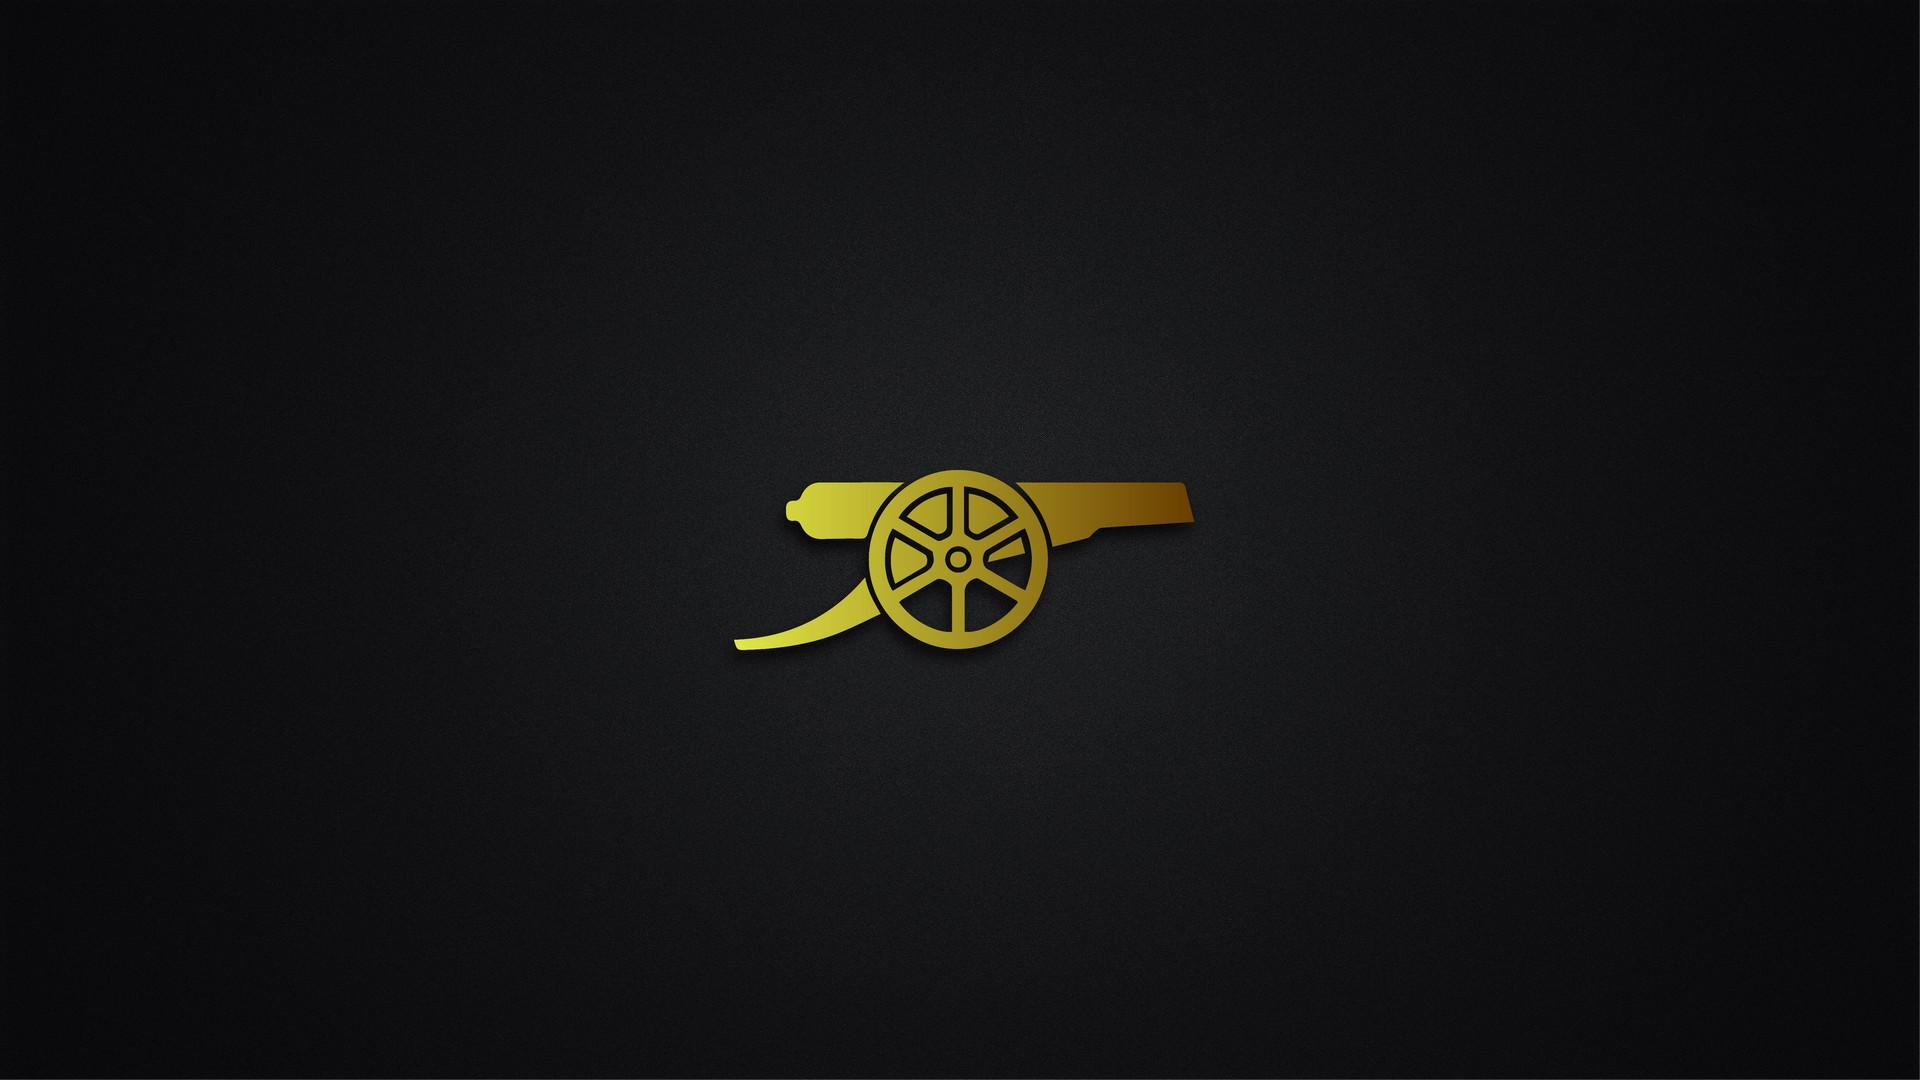 arsenal fc logo wallpaper hd 2021